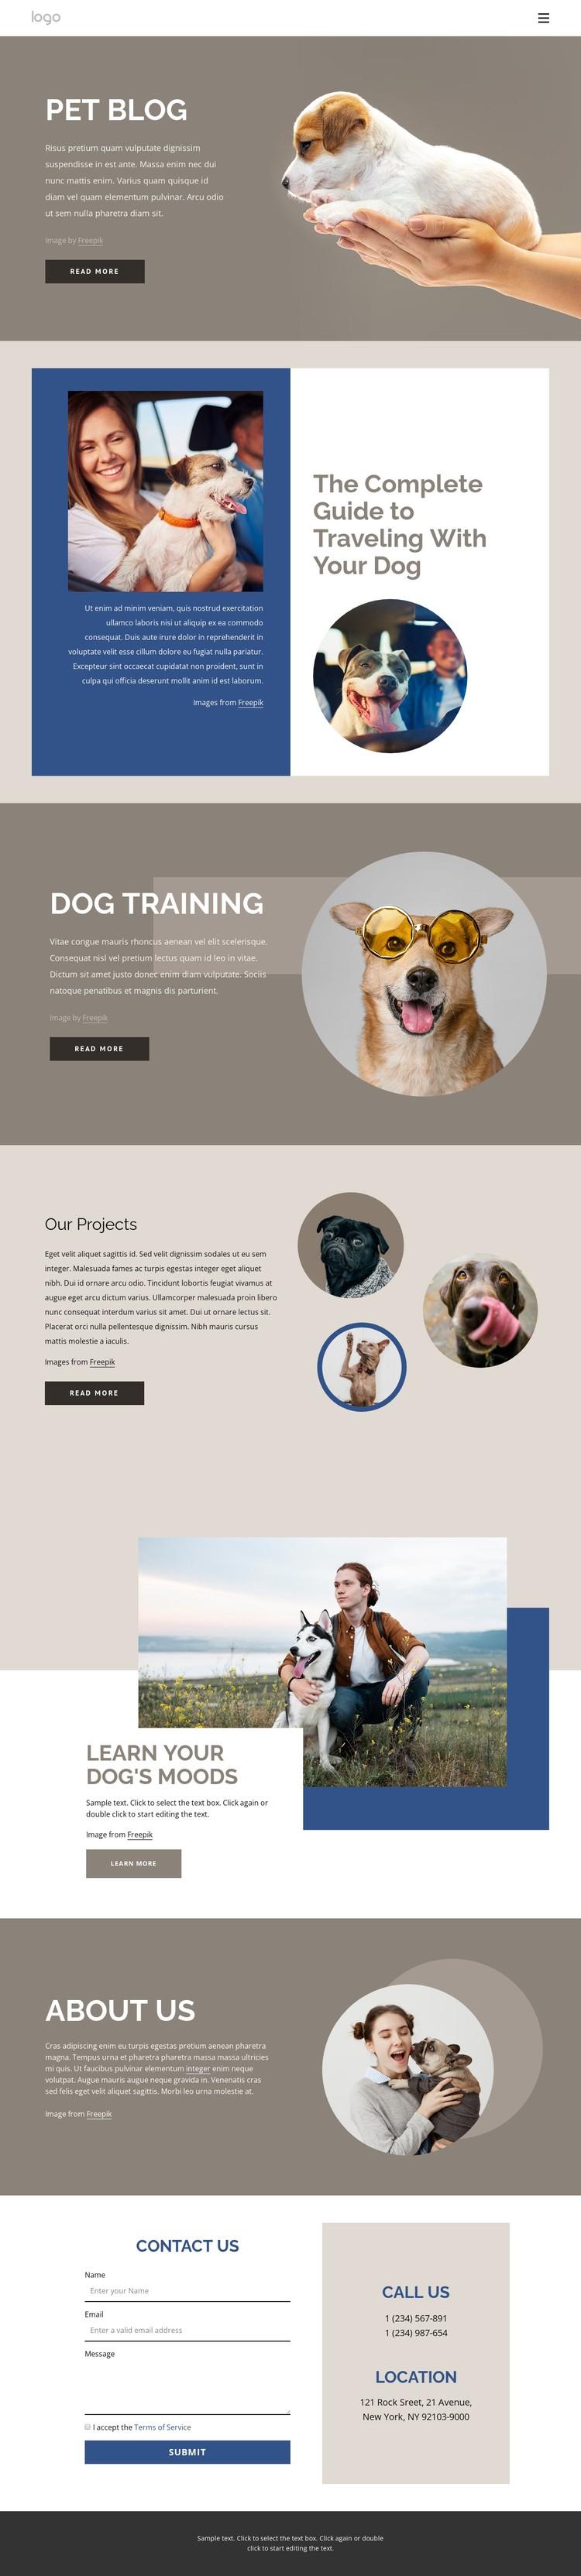 Pet Blog CSS Template